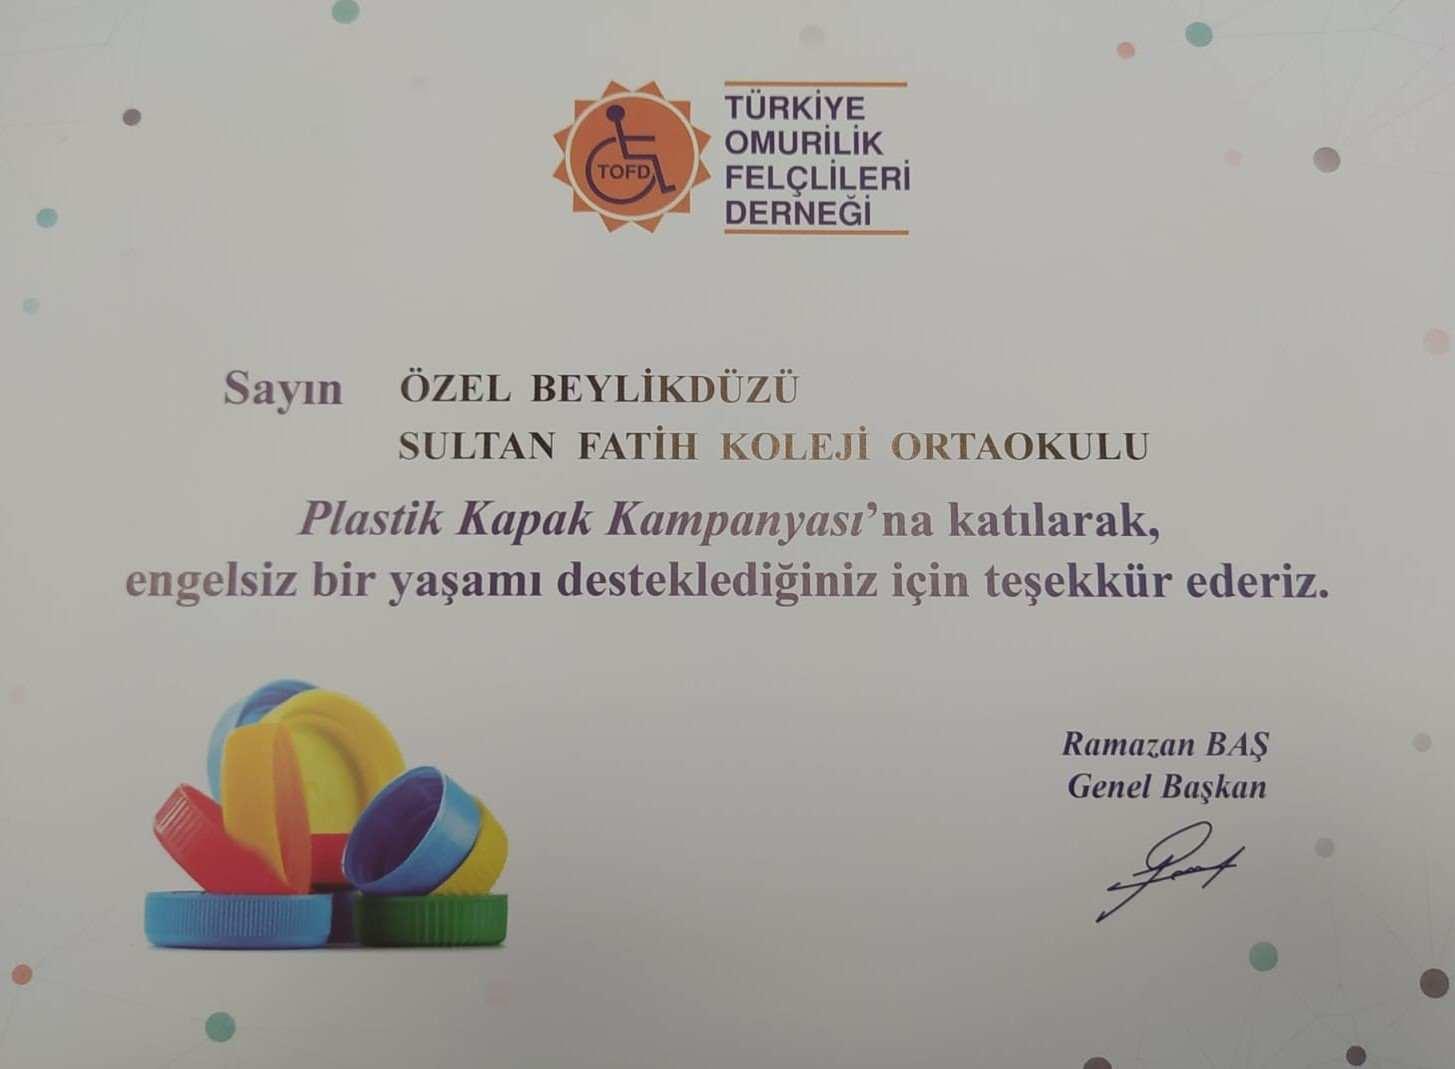 """Sultan Fatih Eğitim Kurumları Olarak TOFD ( TÜRKİYE OMURİLİK FELÇLİLERİ DERNEĞİ) İçin """"Mavi Kapak Toplama"""" Kampanyamız"""